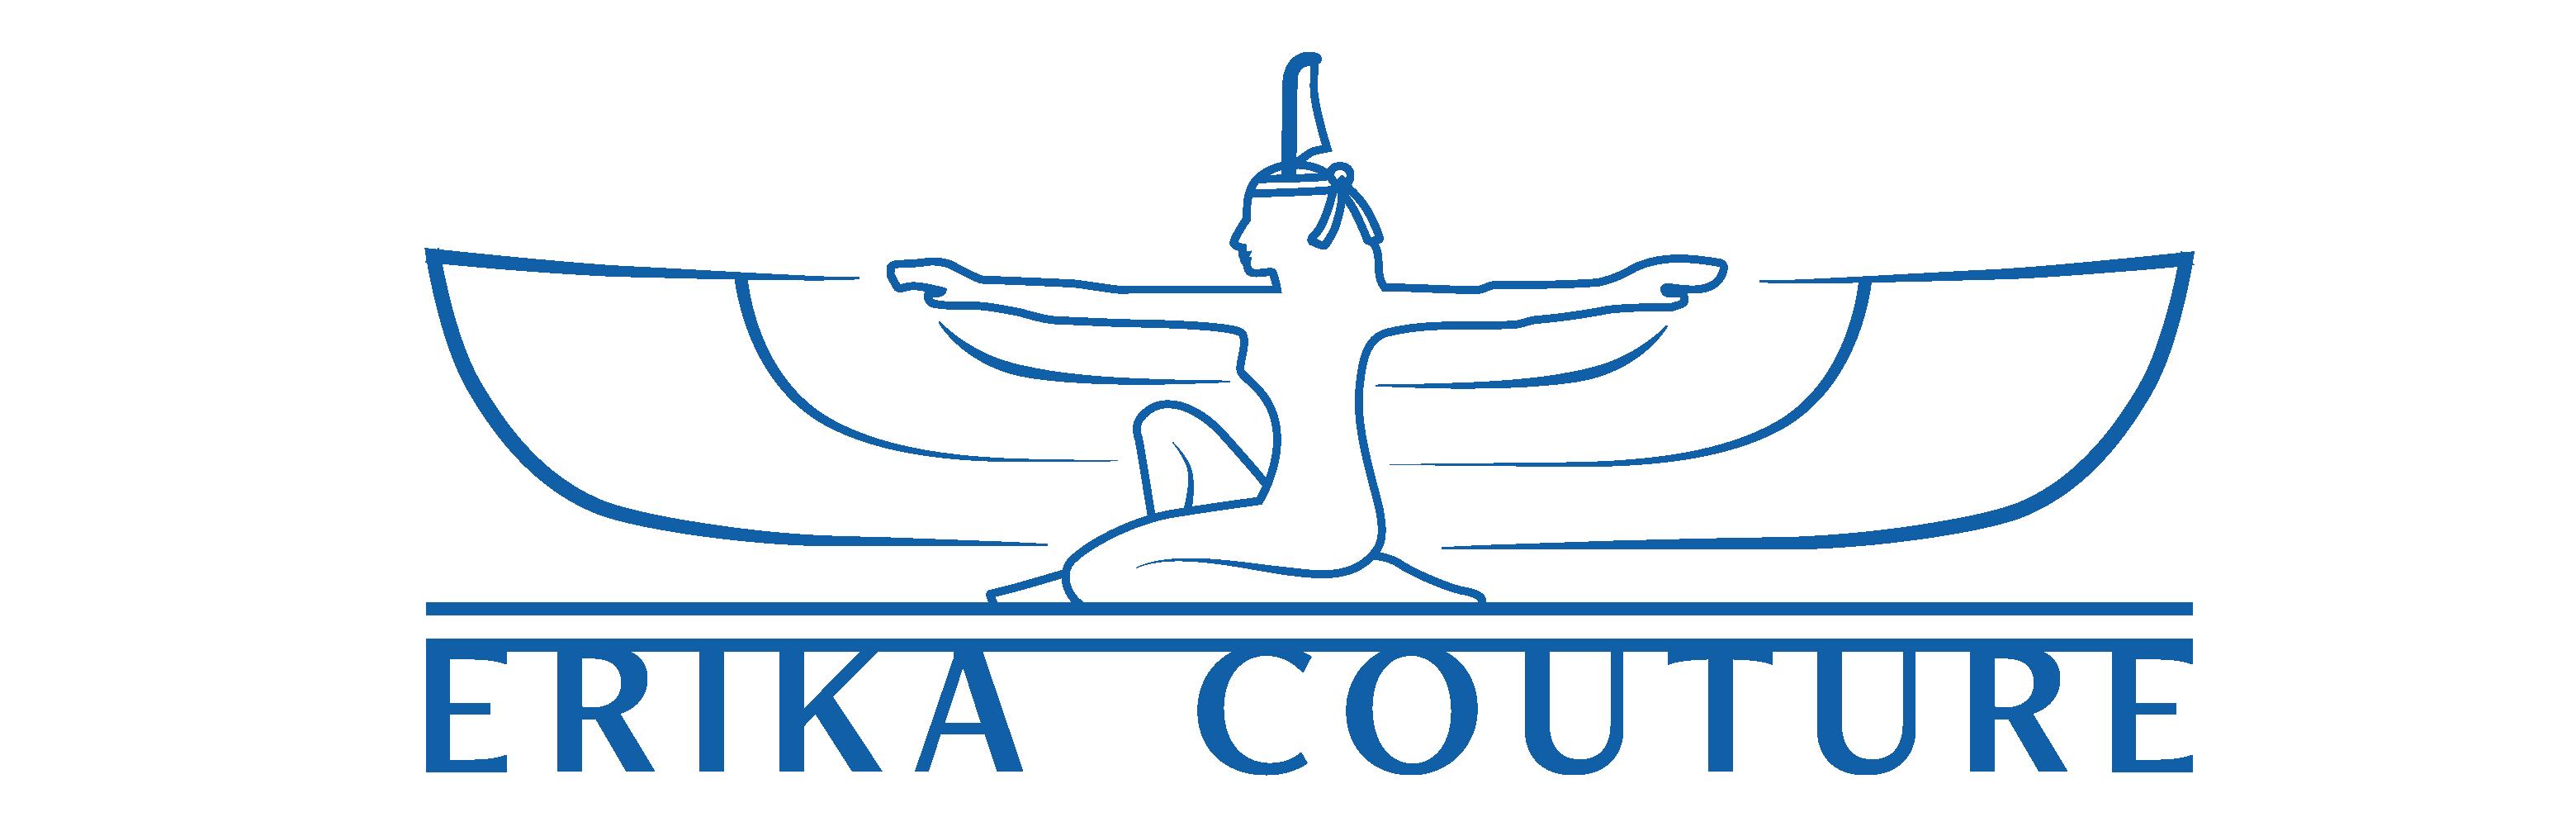 ERIKA COUTURE